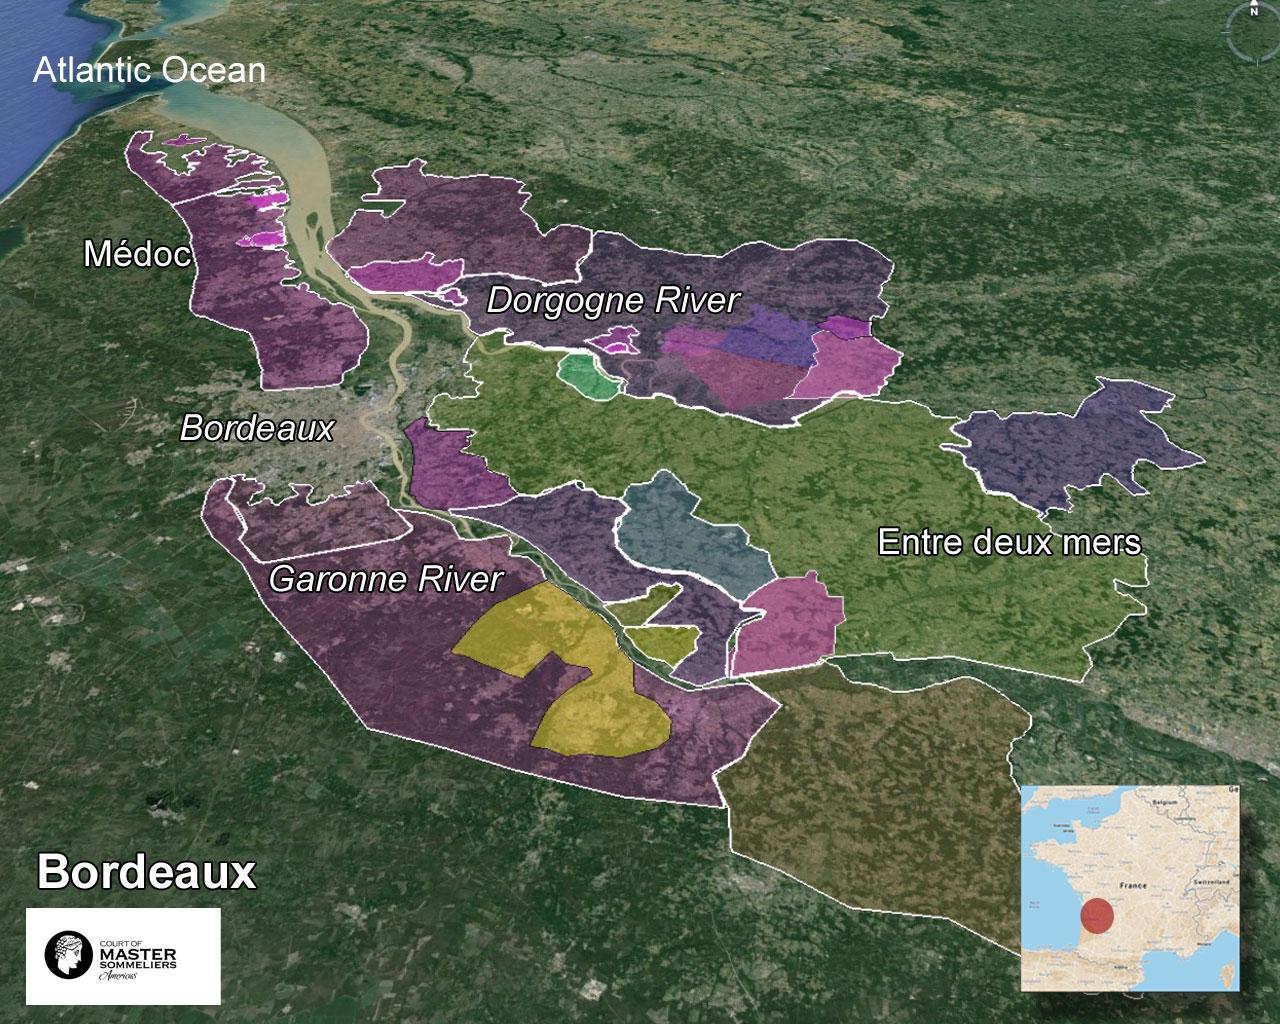 Bordeaux-Overview-AOPs.jpg